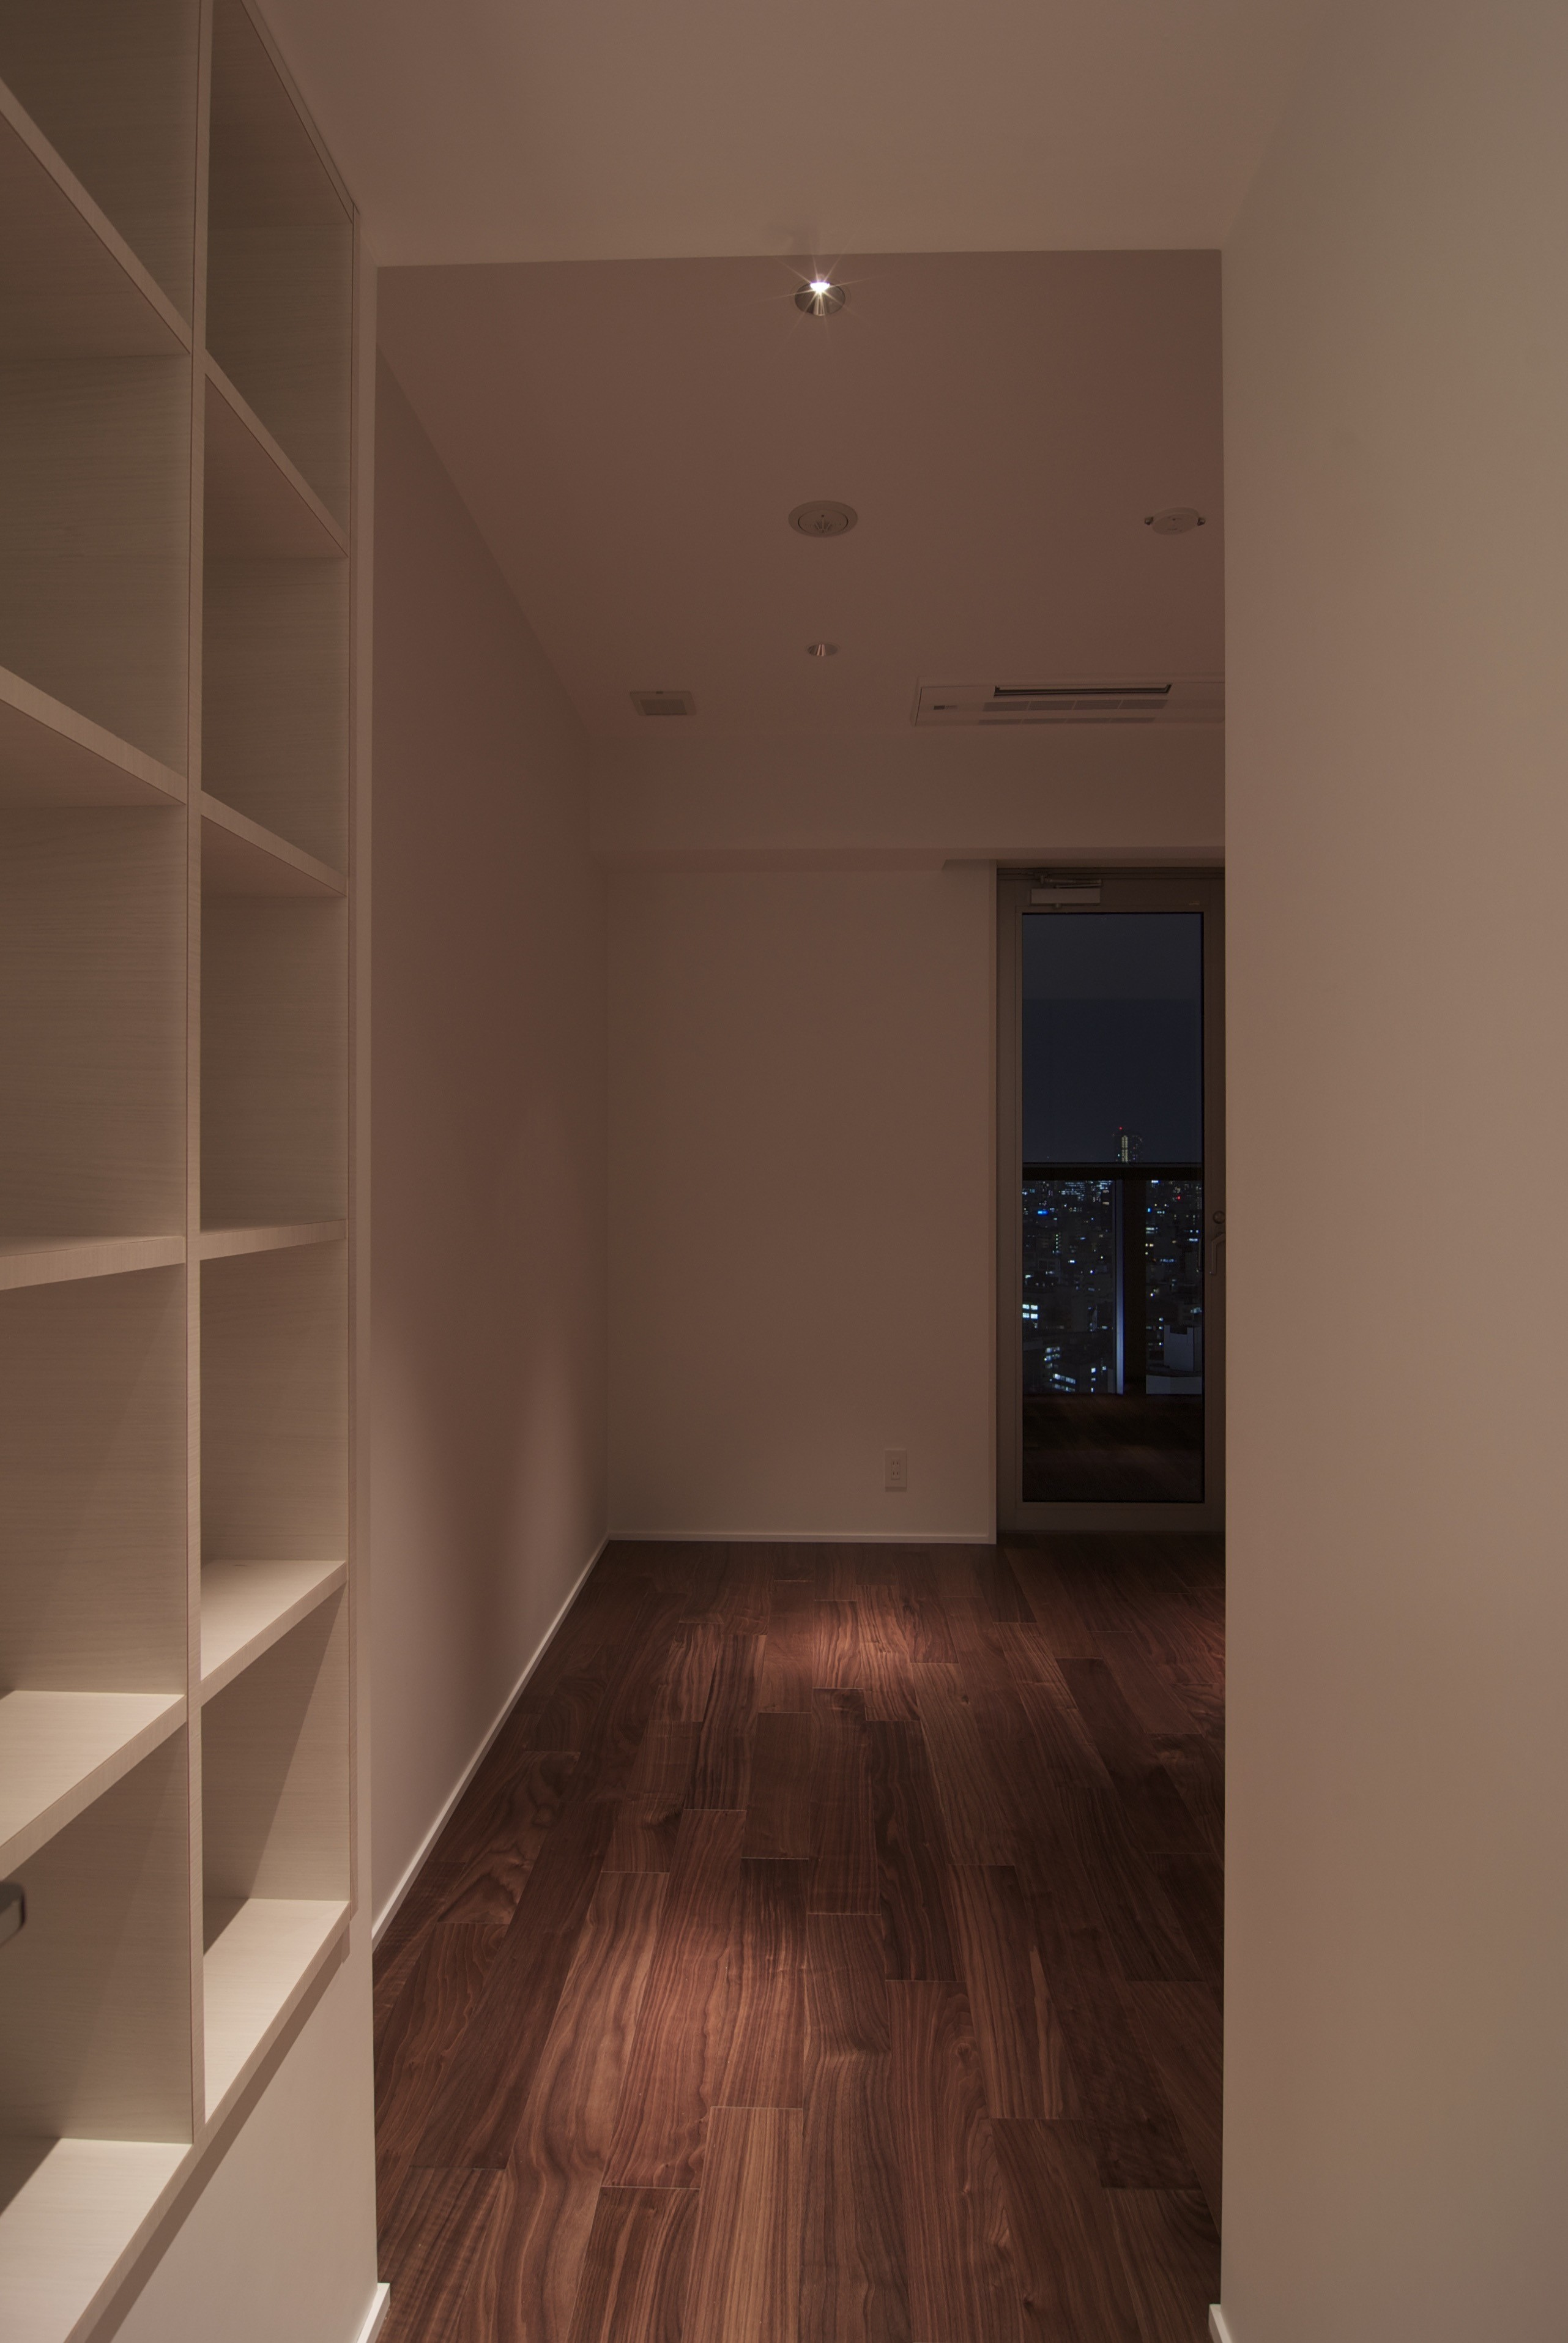 ベッドルーム事例:洋室(高層階の眺望を楽しむ扇型リビングの家)